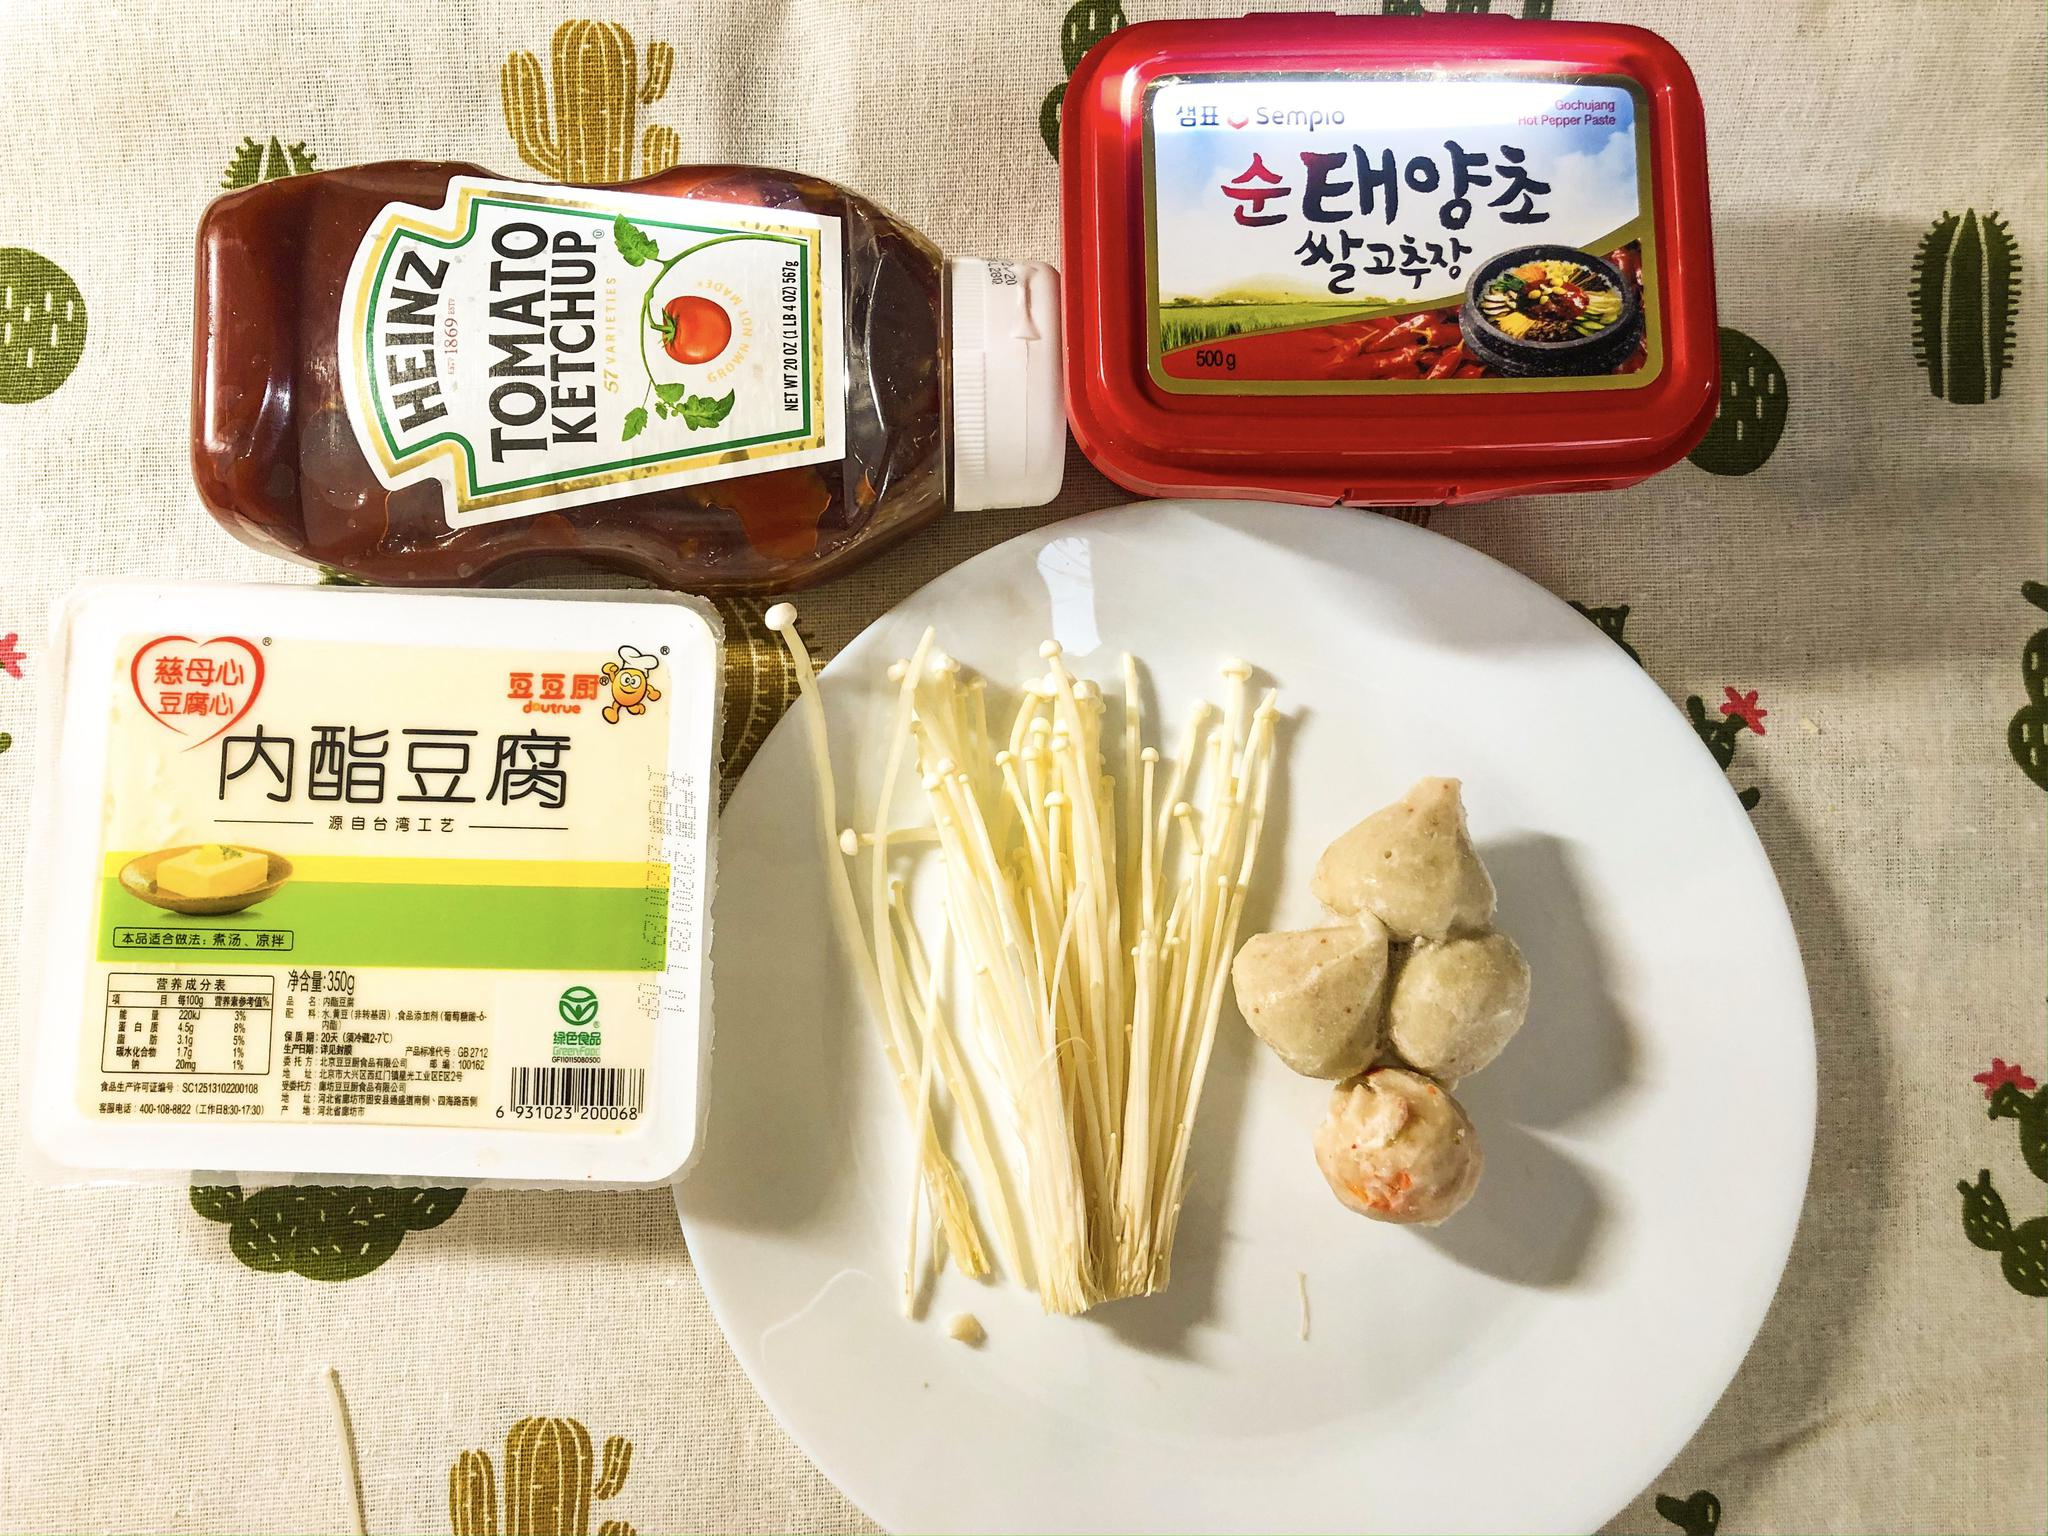 宅家做美食|简单又营养,韩式海鲜豆腐汤学起来图片